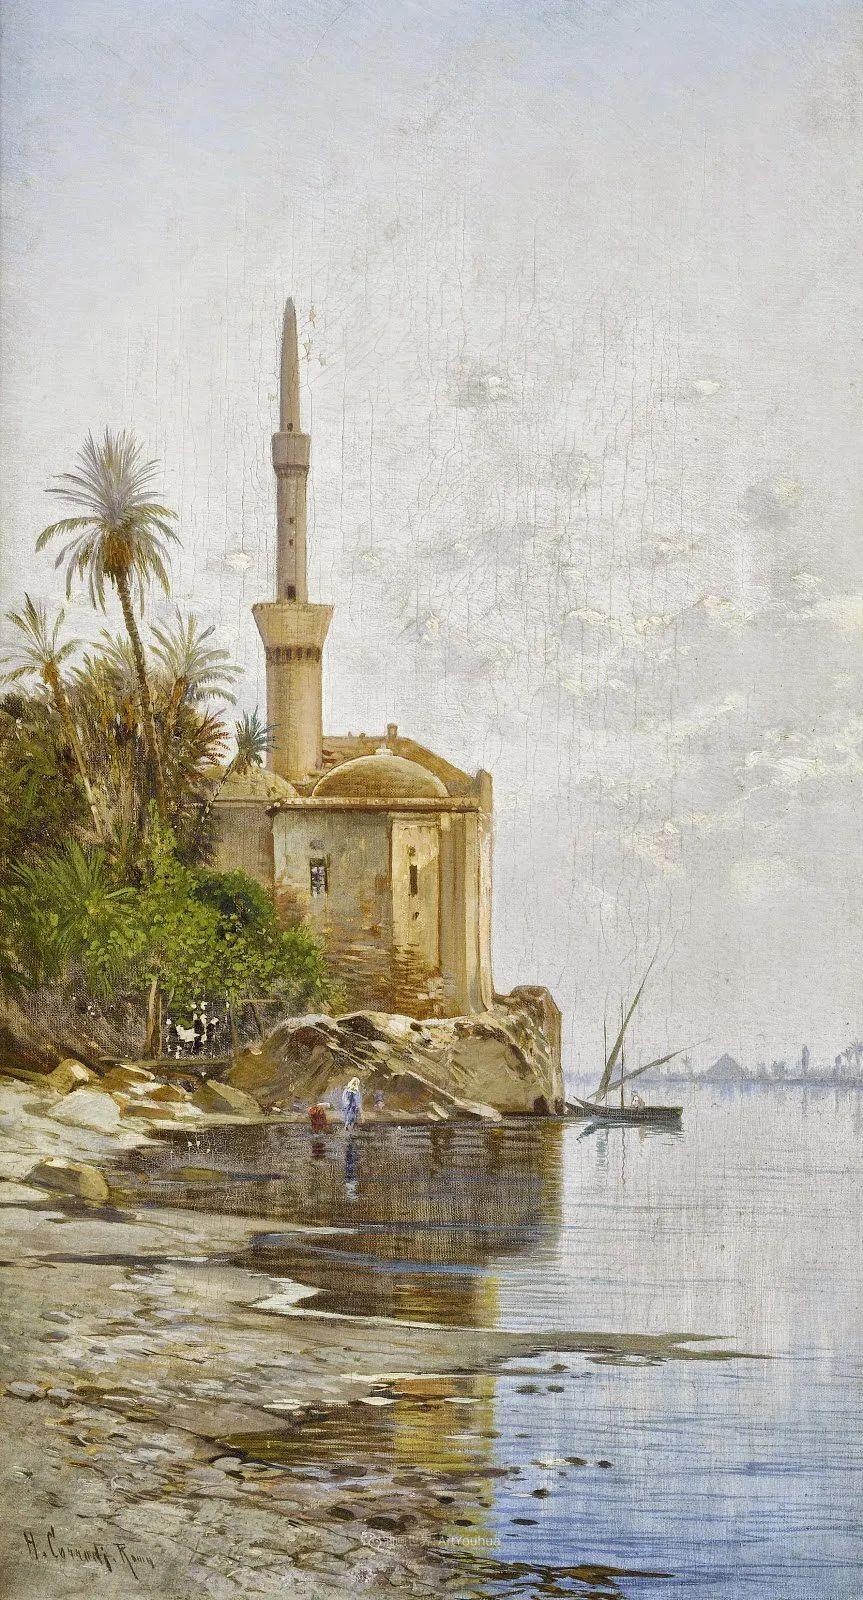 百年前的巨幅风景画,恢弘壮丽!插图101